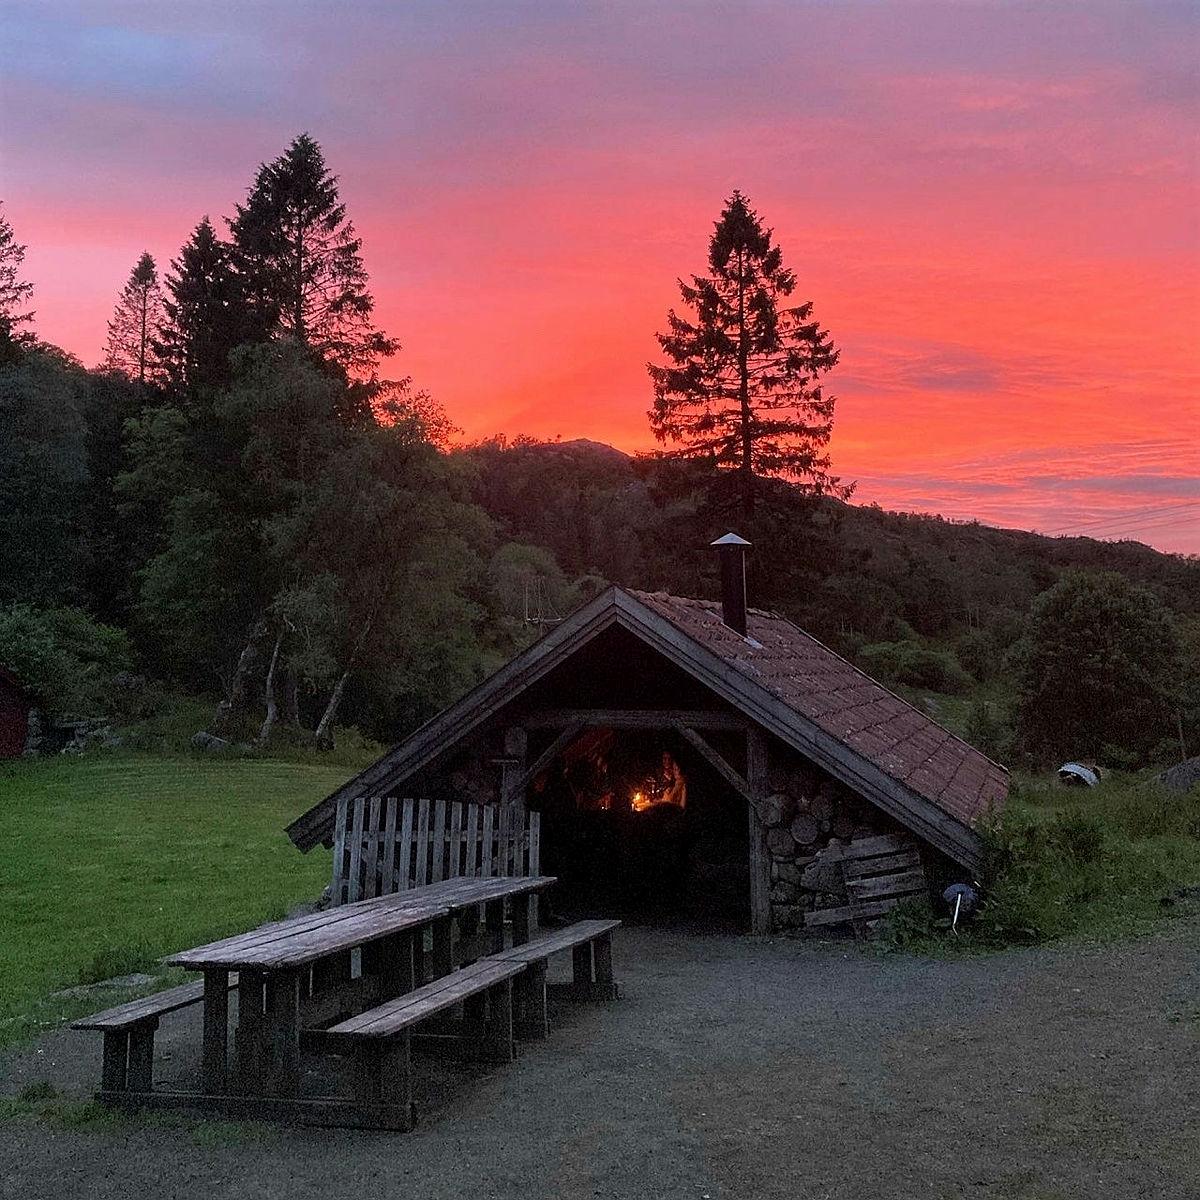 Vakker solnedgang fra grillhytta.